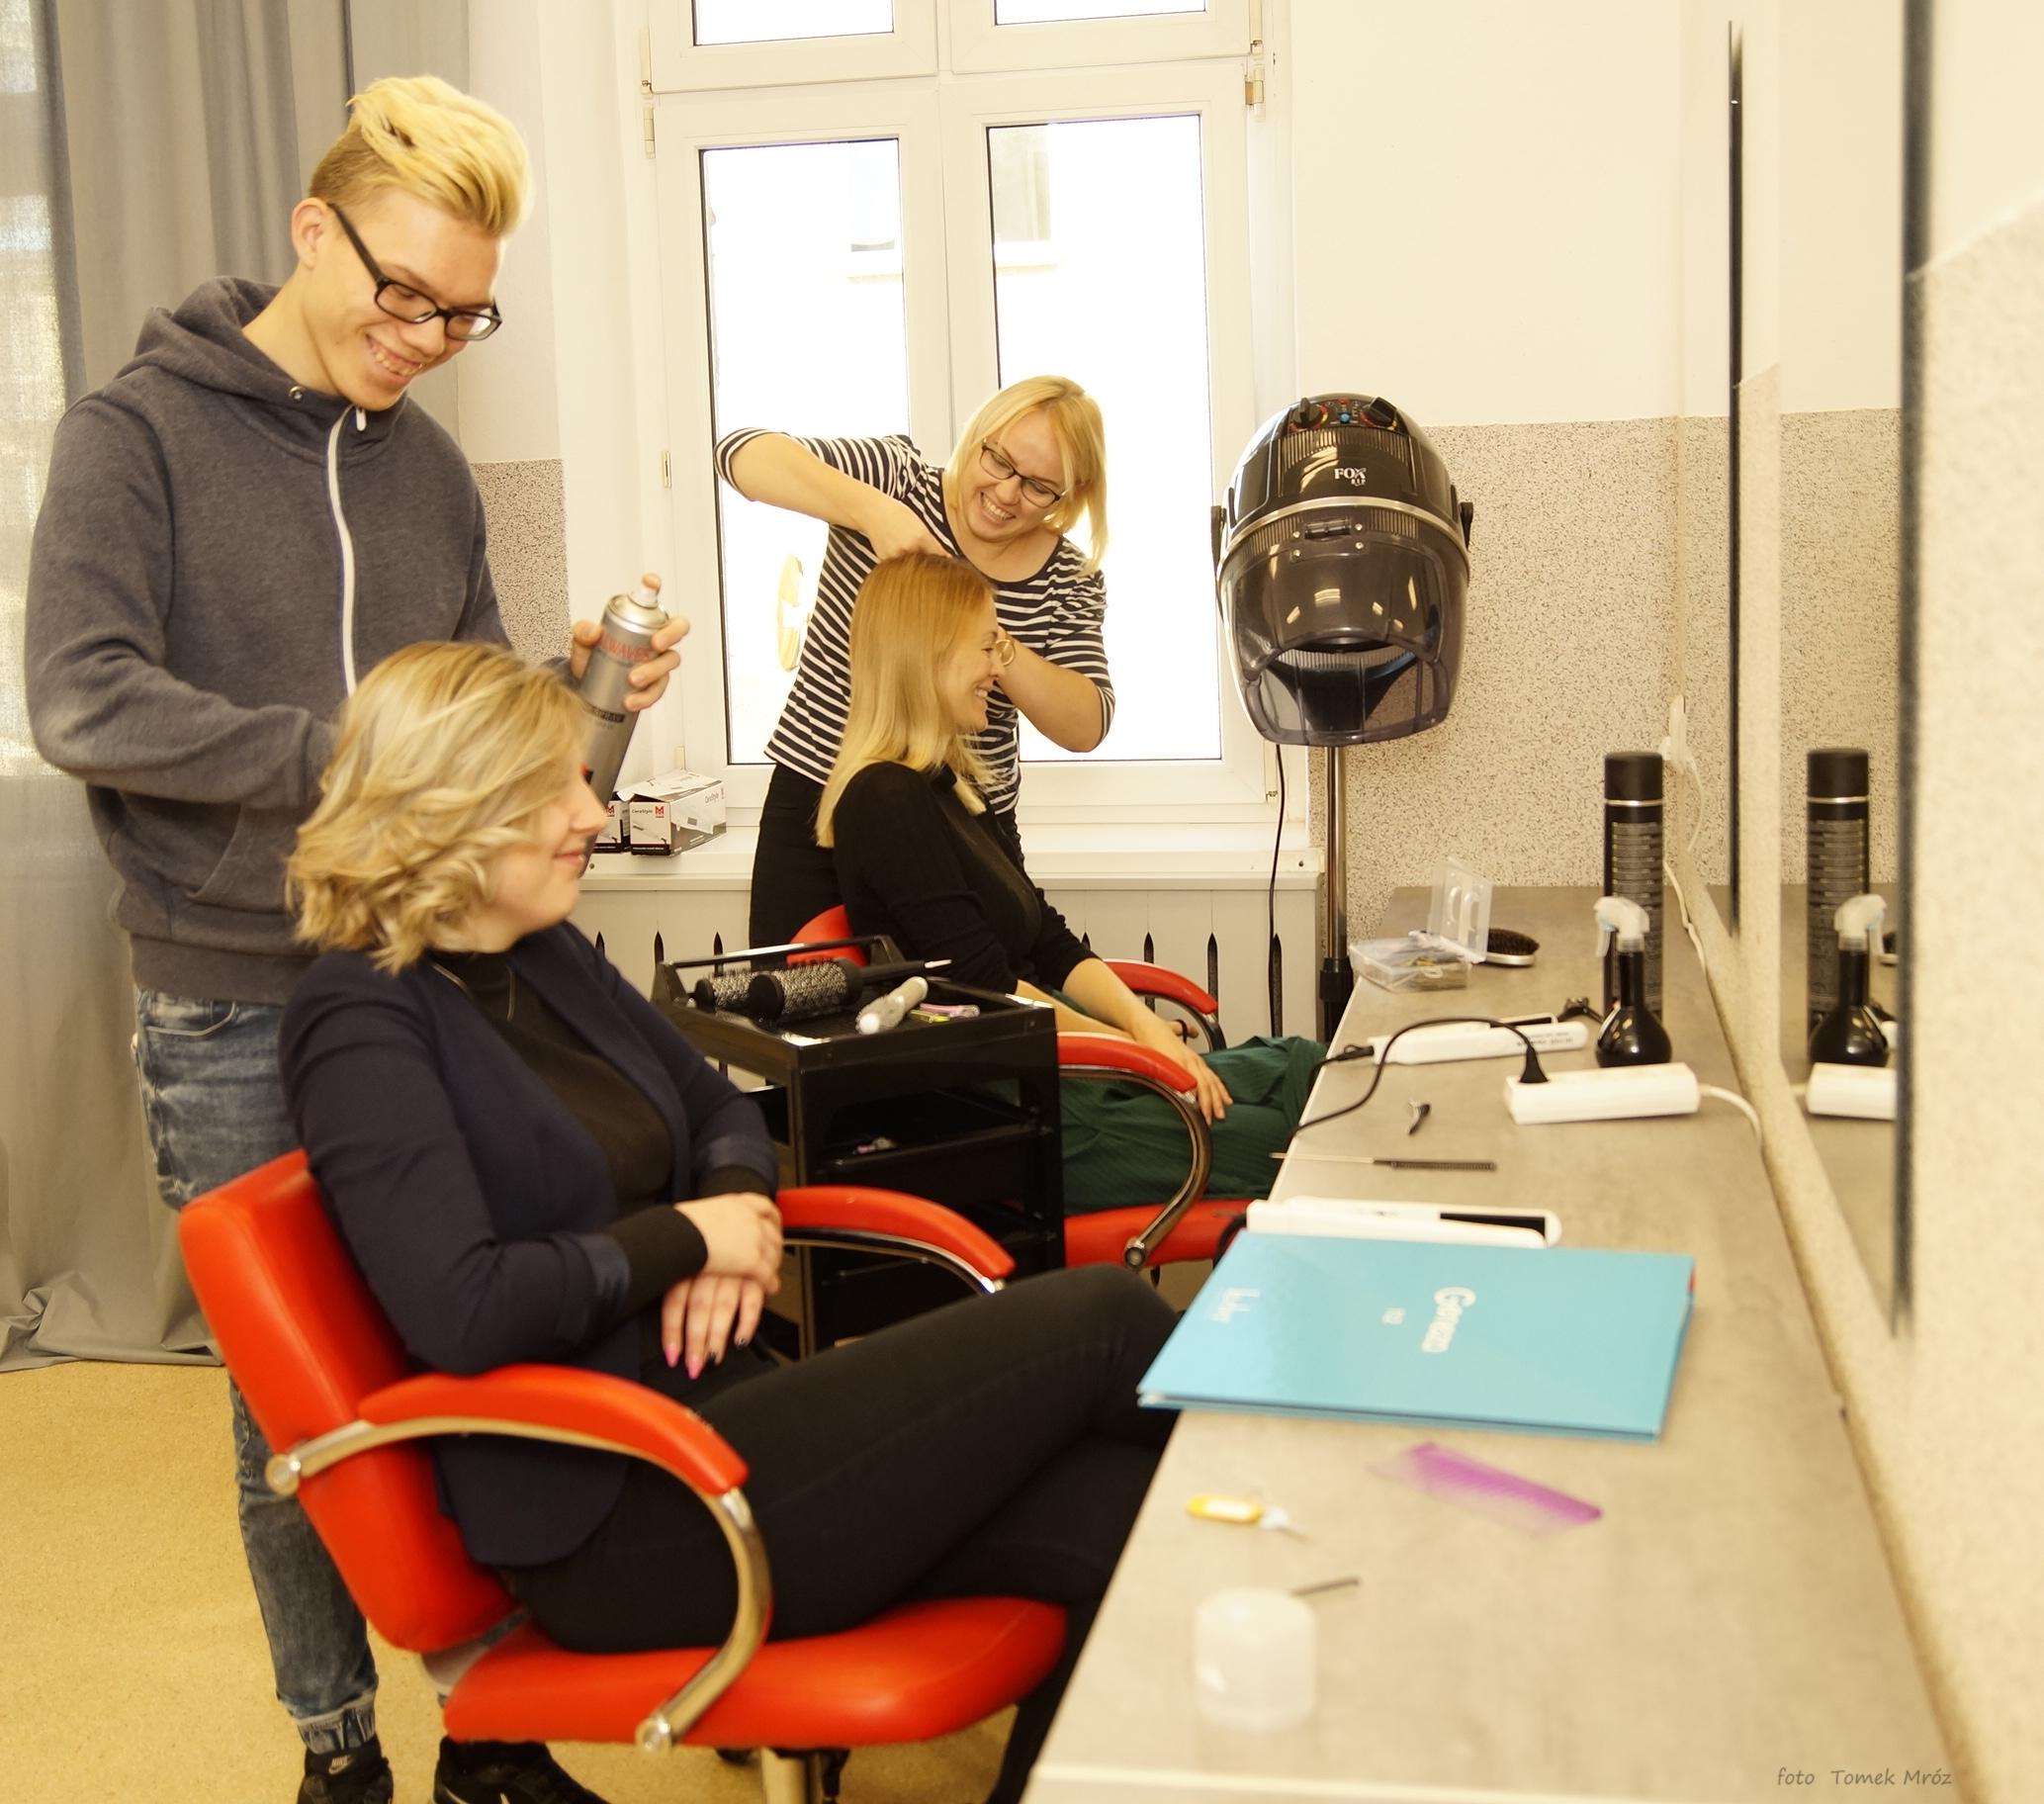 4 1 - Całkiem profesjonalna pracownia fryzjerska w szkole przy ul. Piastowskiej, która powstała z niczego. Uczniom pomogli sponsorzy